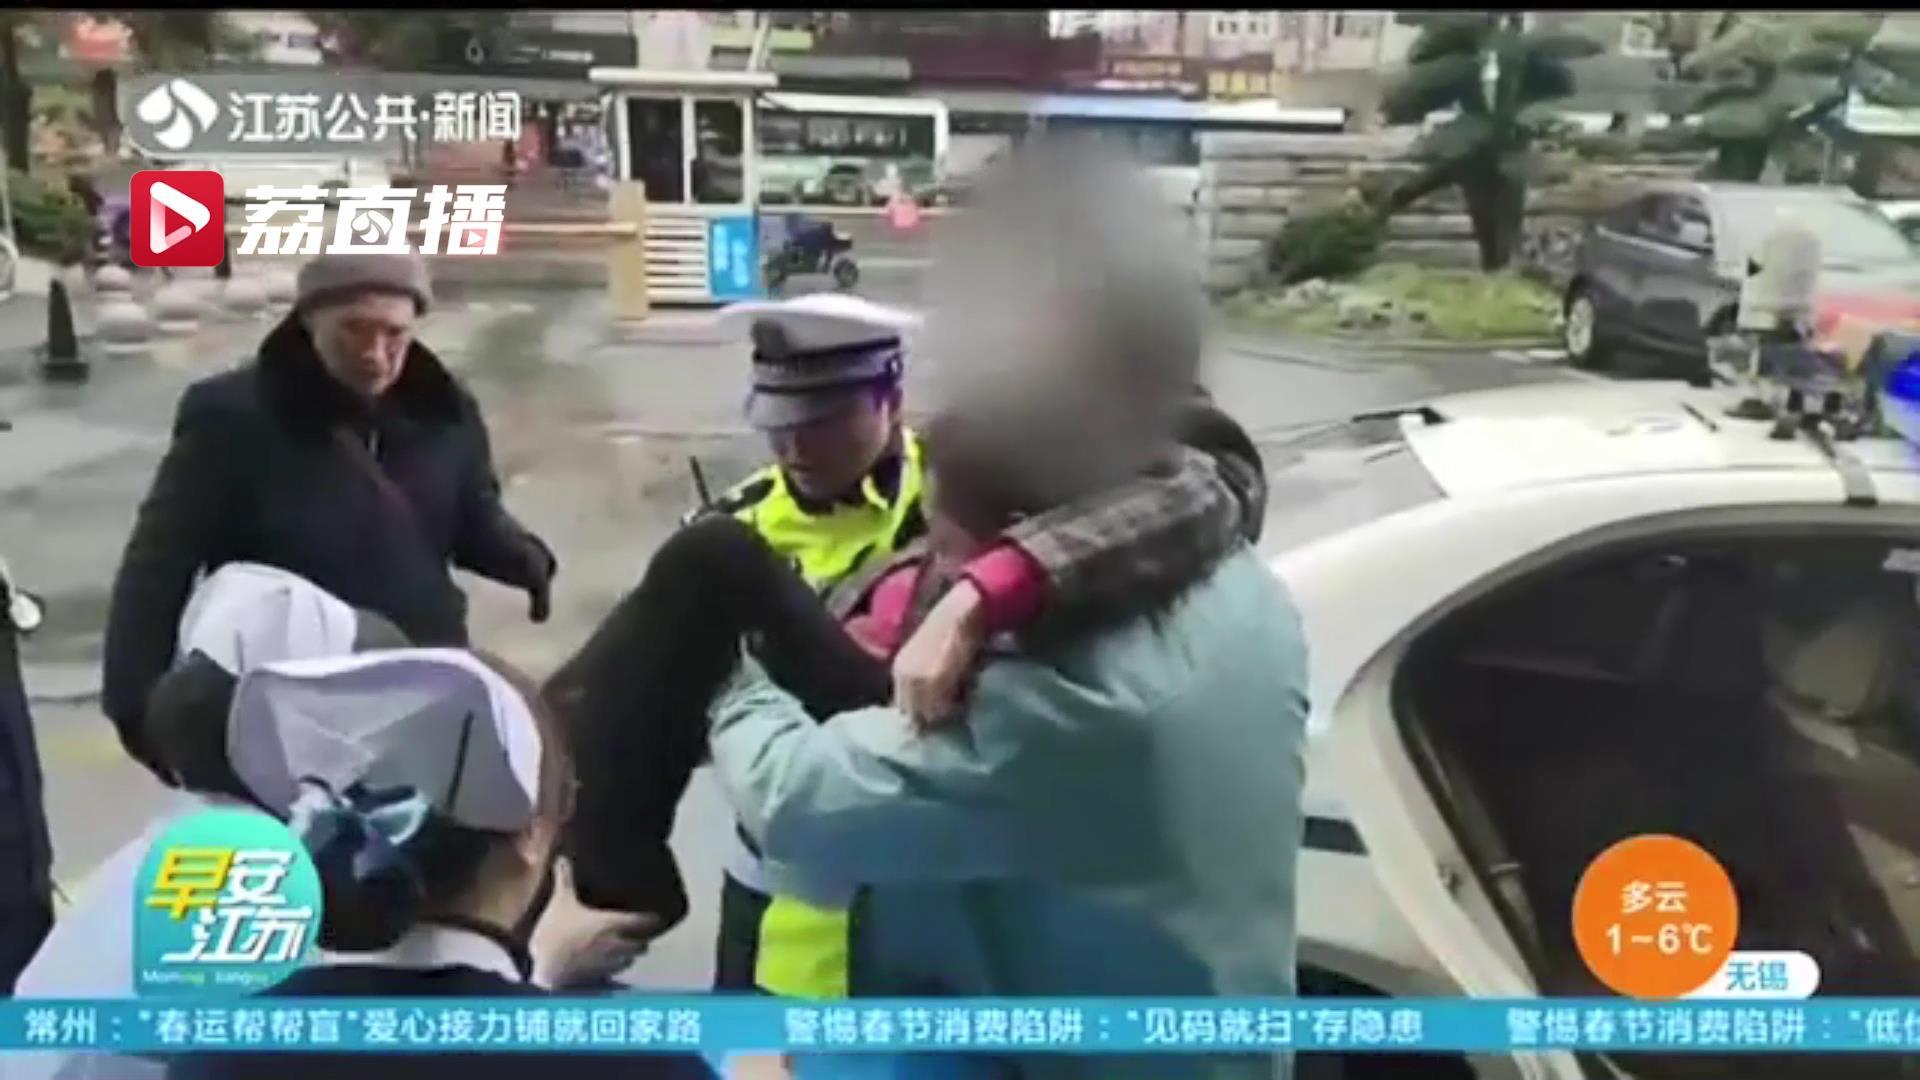 好样的!徐州一残疾人被撞伤 路过辅警伸援手